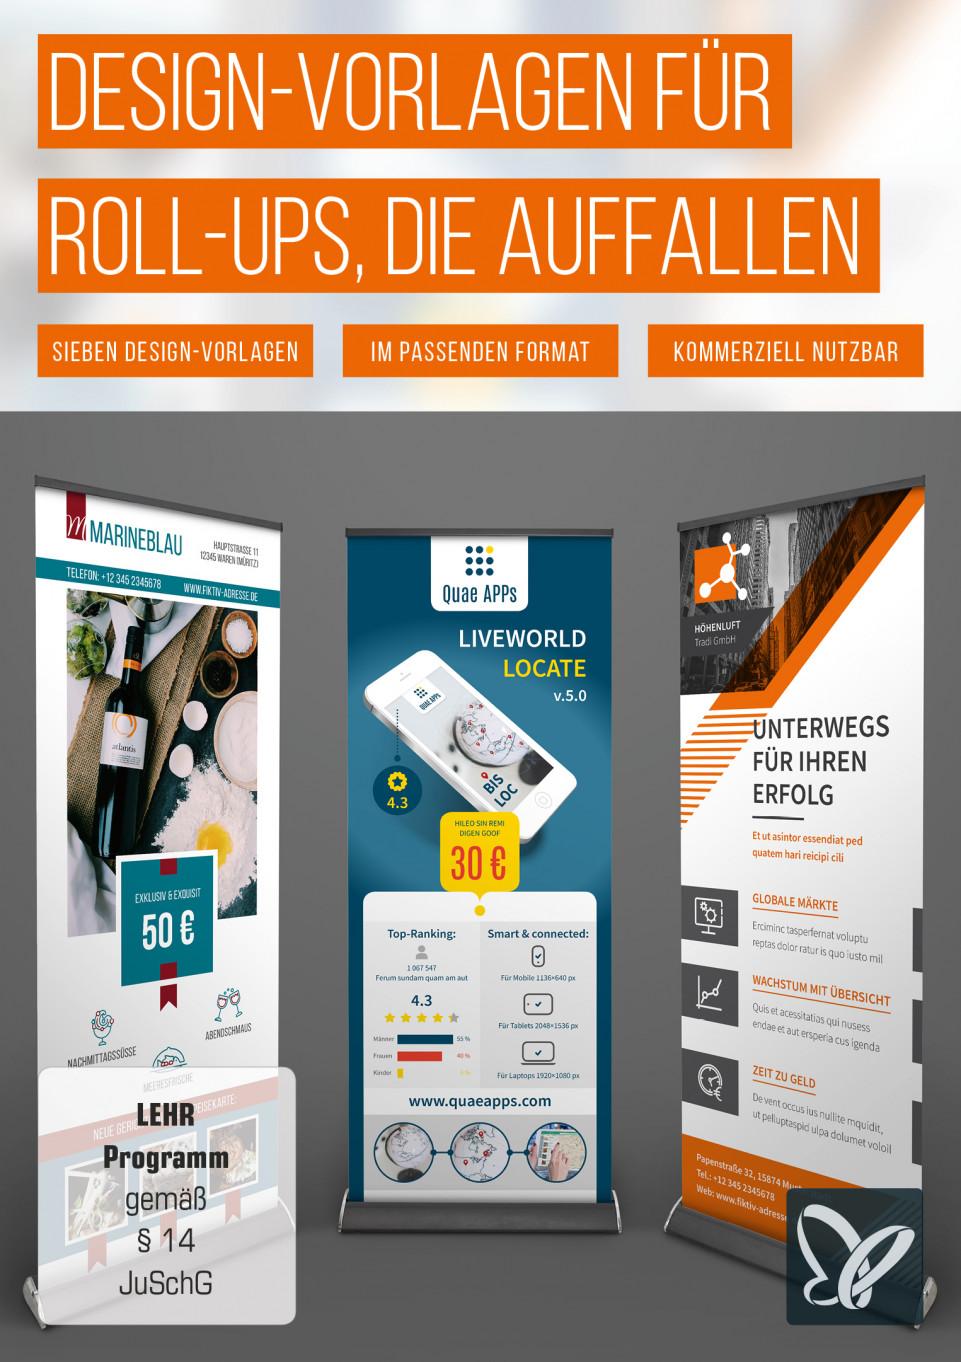 Roll-up Design-Vorlagen: Überragendes erstellen